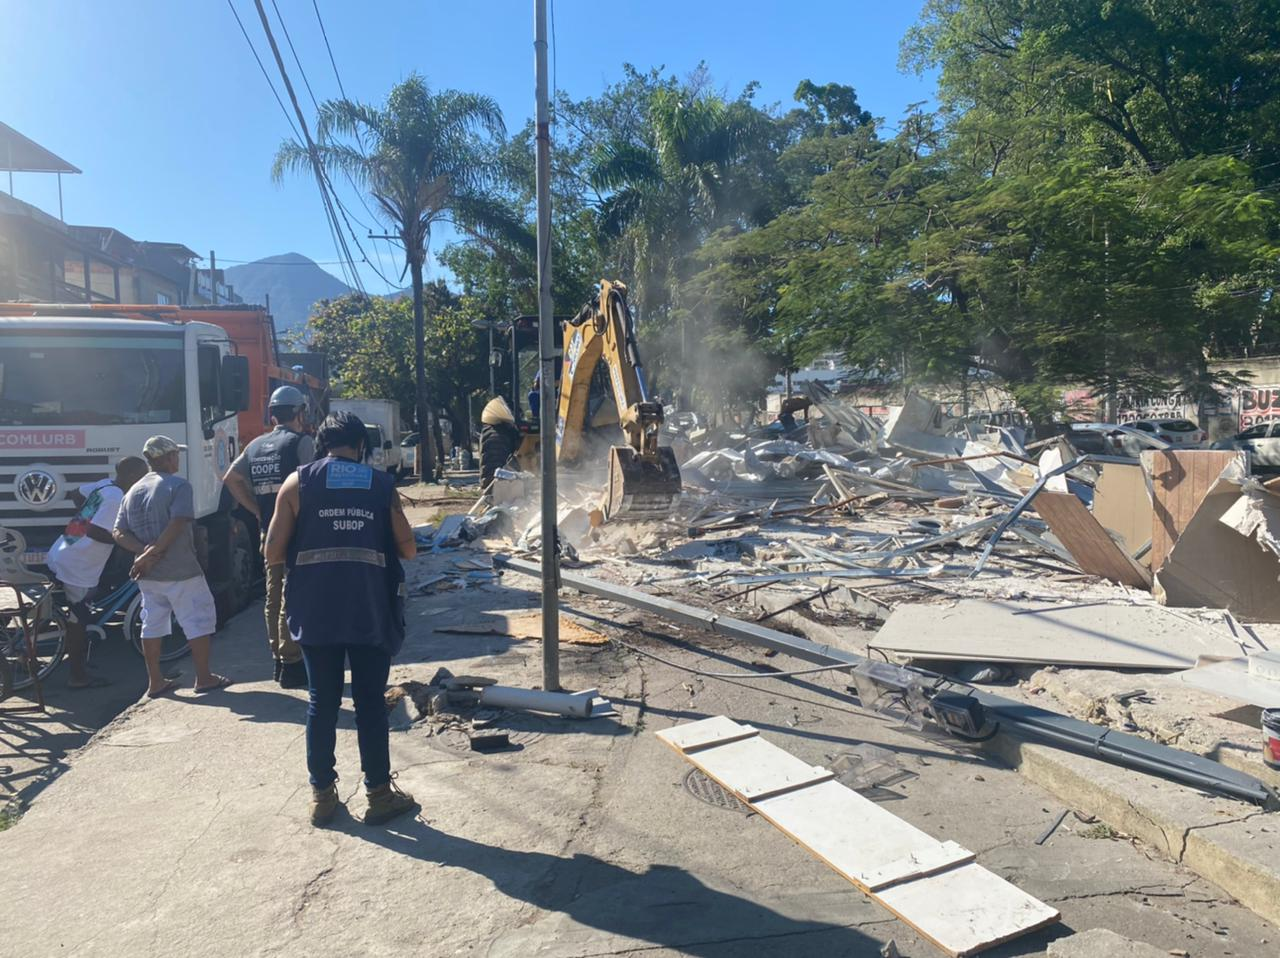 Prefeitura demole construções irregulares na Zona Oeste e Sul do Rio